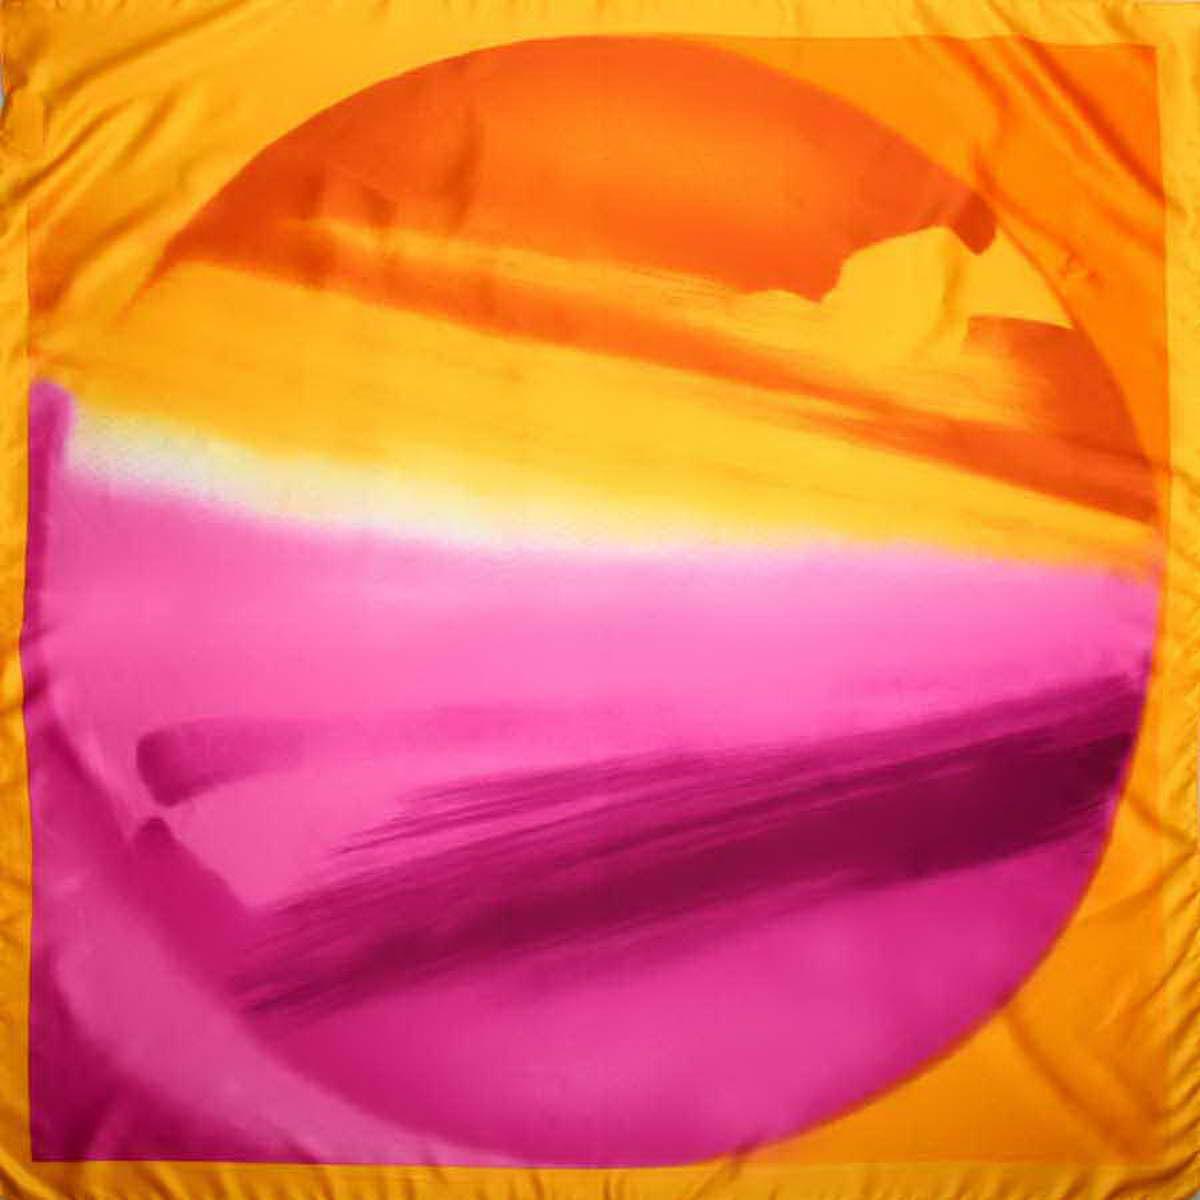 Платок женский. 39067333906733-13Стильный женский платок Venera станет великолепным завершением любого наряда. Платок, изготовленный из полиэстера, оформлен оригинальным принтом. Классическая квадратная форма позволяет носить платок на шее, украшать им прическу или декорировать сумочку. Легкий и приятный на ощупь платок поможет вам создать изысканный женственный образ. Такой платок превосходно дополнит любой наряд и подчеркнет ваш неповторимый вкус и элегантность.